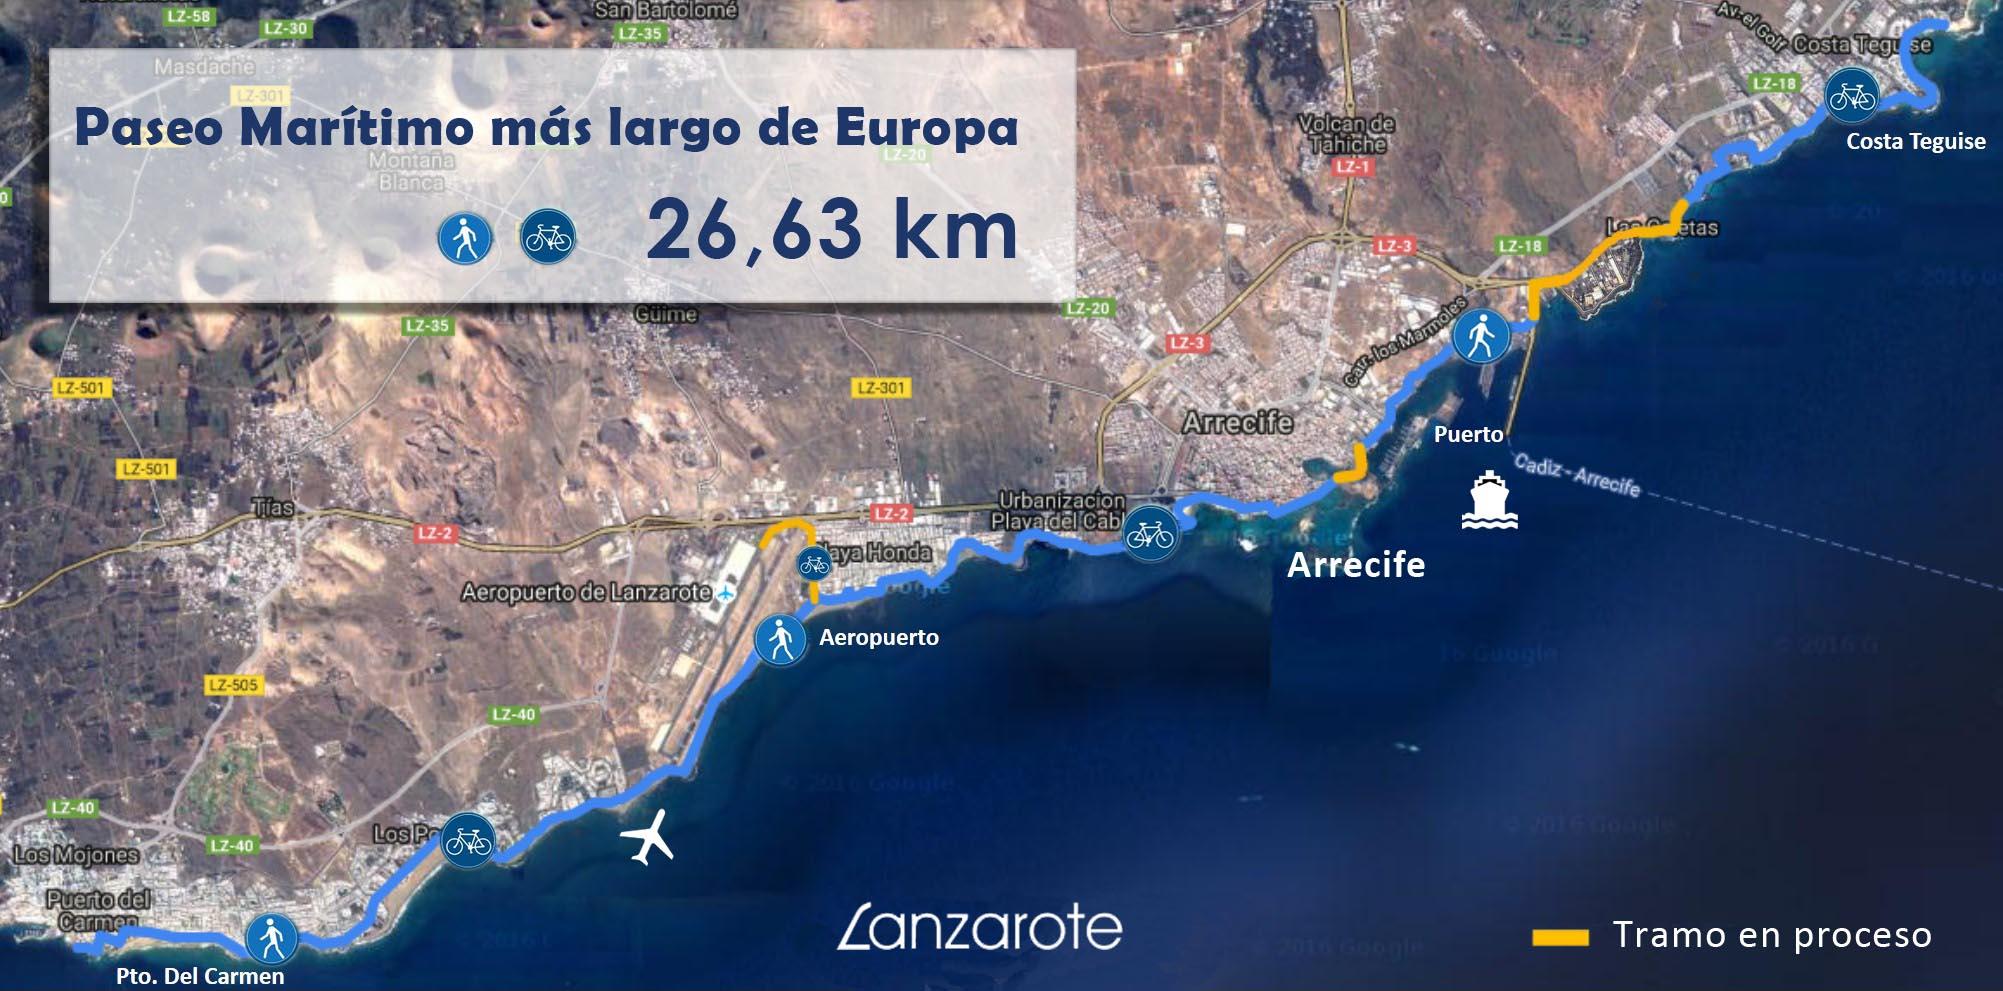 Paseo marítimo más largo de Europa